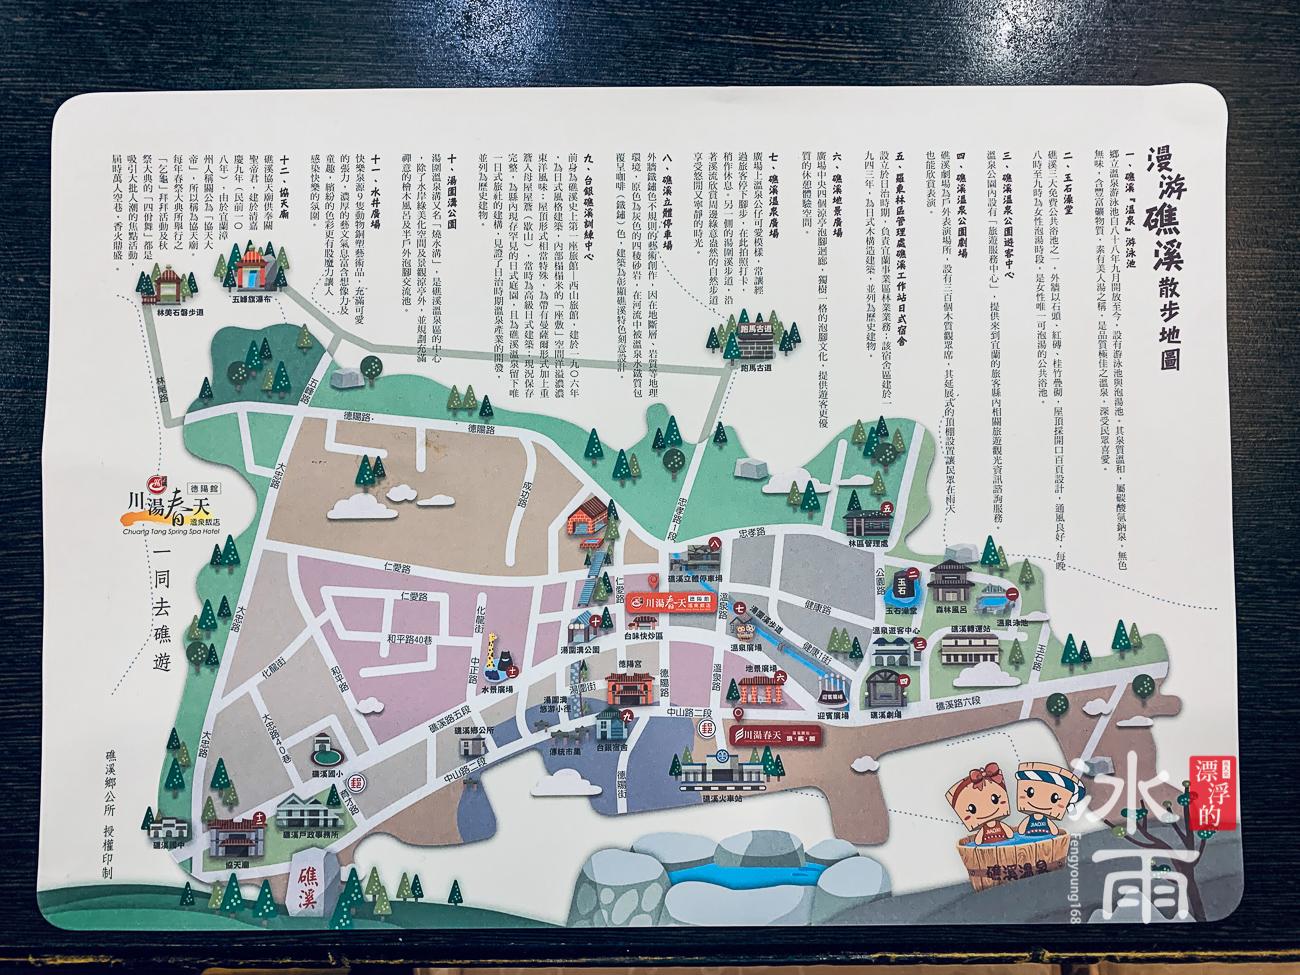 川湯春天溫泉飯店德陽館|散步地圖